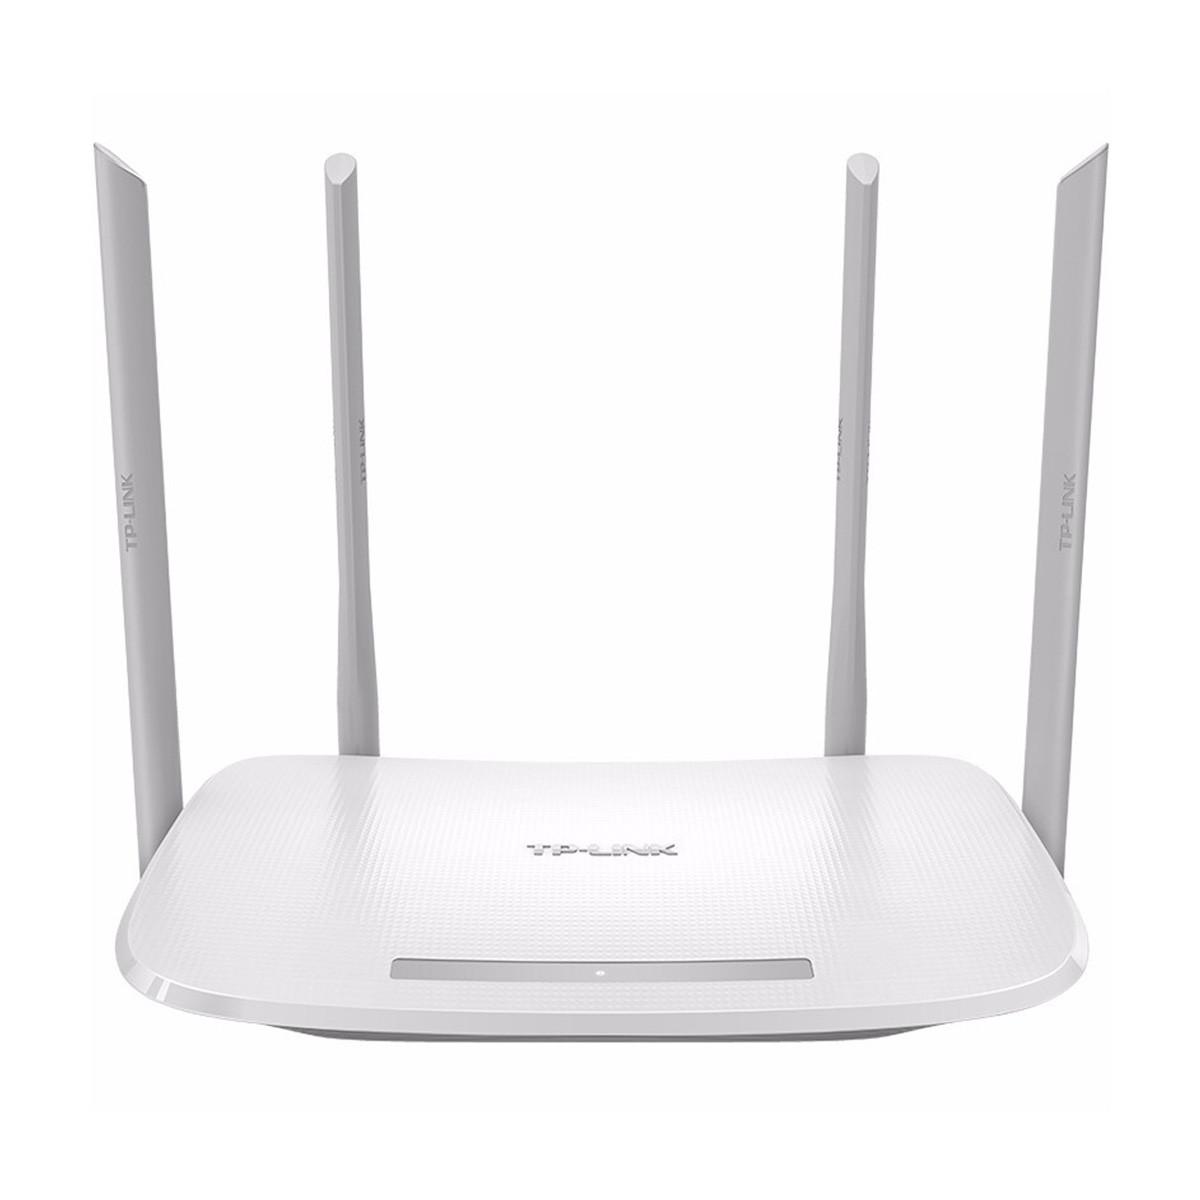 TP-LINK 普联 TL-WDR5620易展版 双频1200M 家用路由器 Wi-Fi 5 白色 单个装